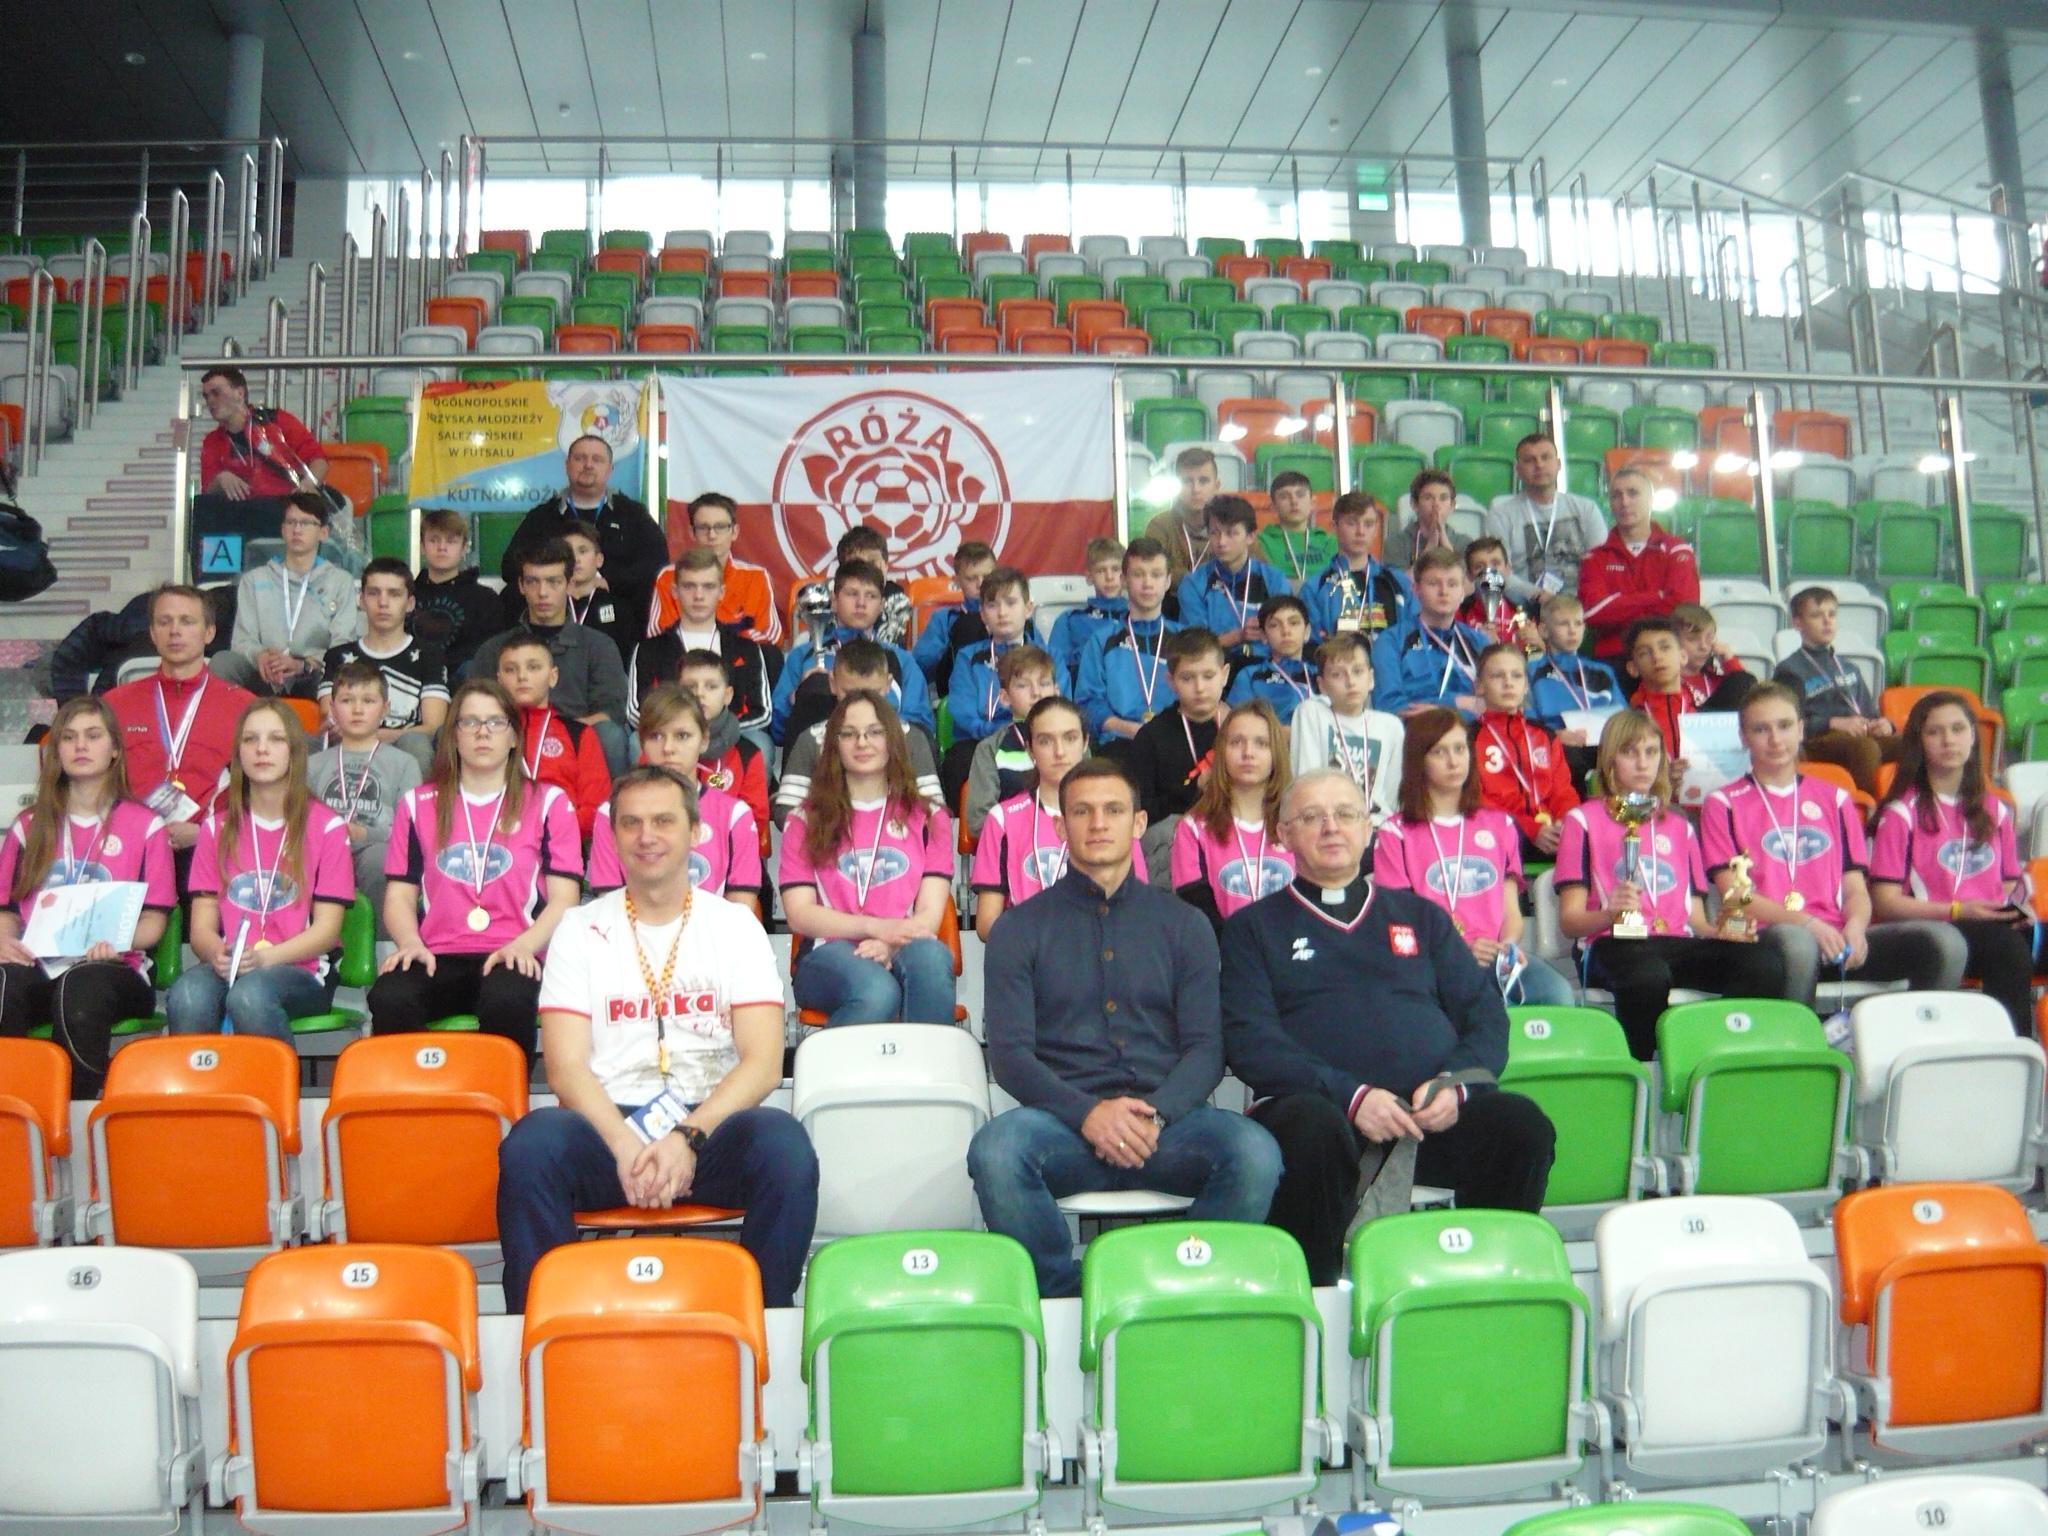 XX Ogólnopolskie Igrzyska Młodzieży Salezjańskiej w Futsalu